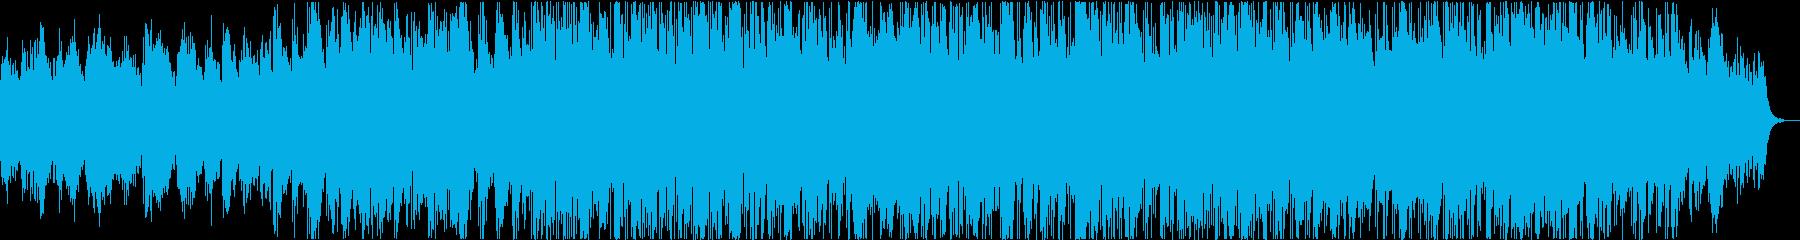 もの悲しい雰囲気のスローバラードの再生済みの波形